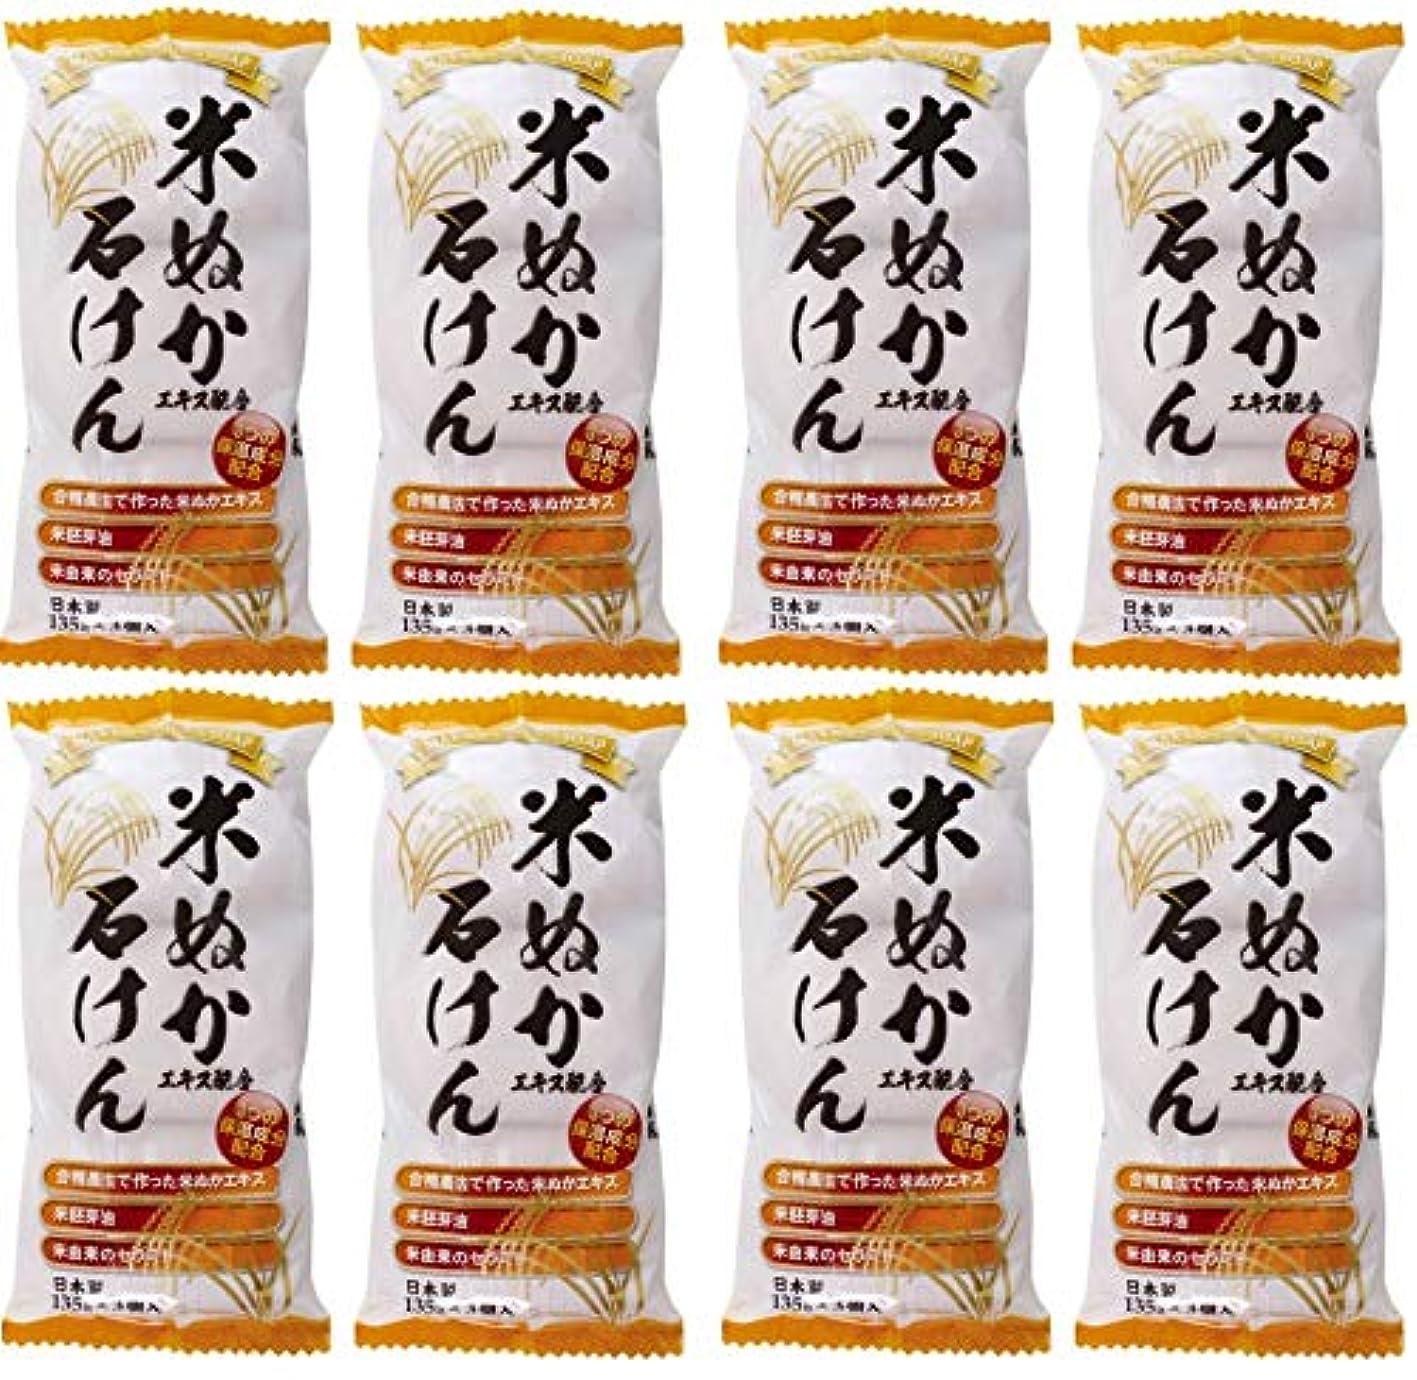 支店土砂降りトレーダー【まとめ買い】米ぬかエキス配合石けん 3個入 135g×3個×8個